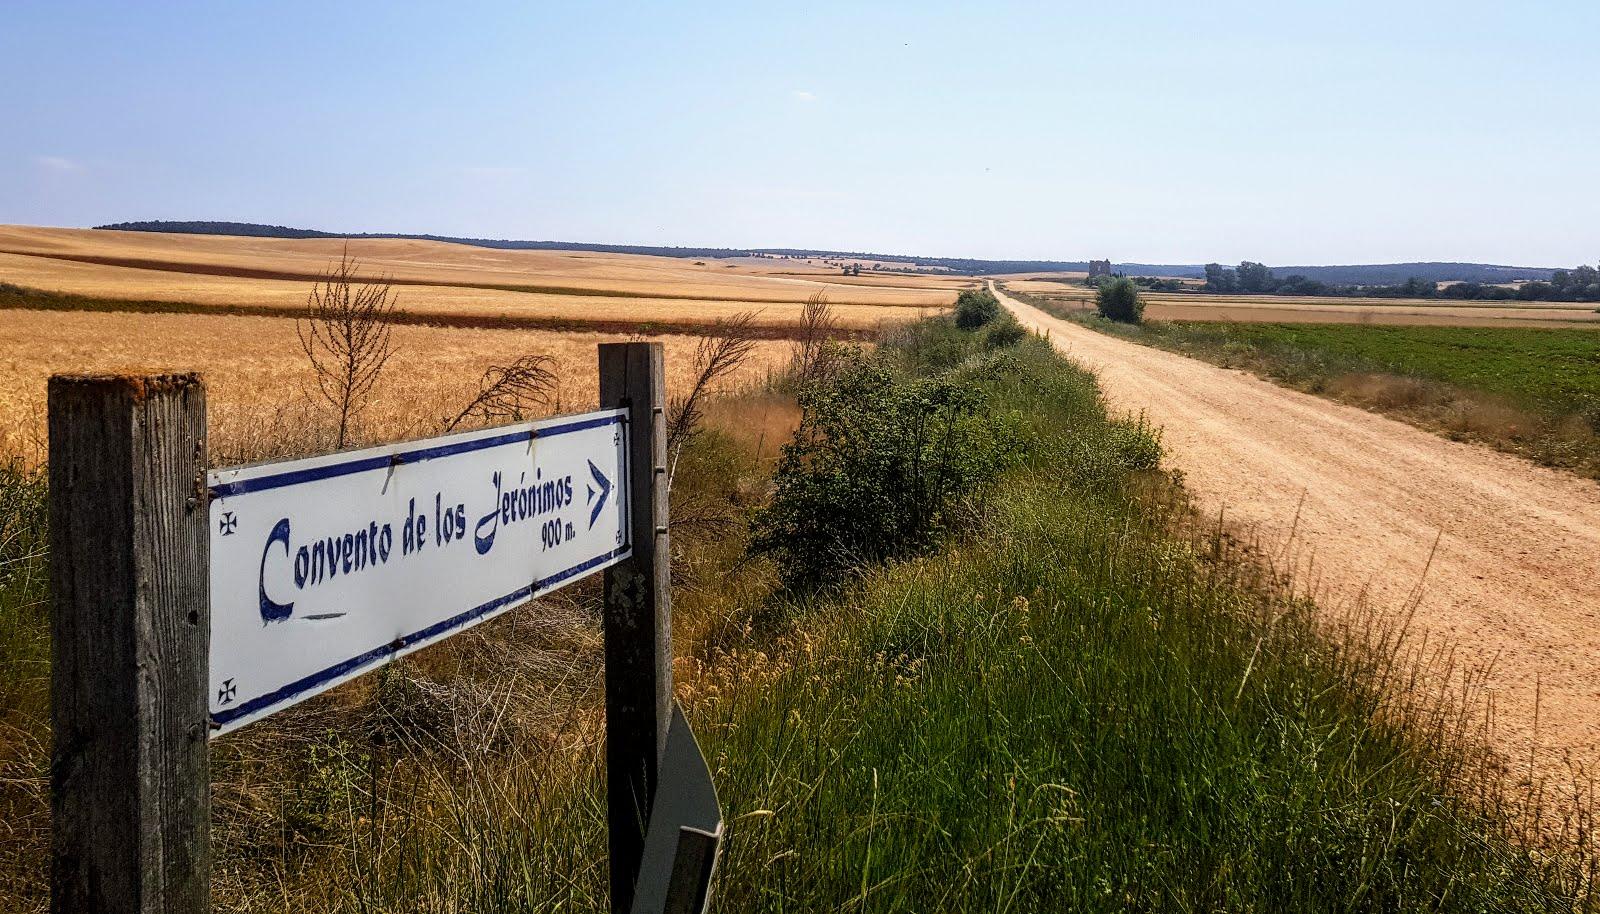 Camino-del-monasterio-de-los-jeronimos